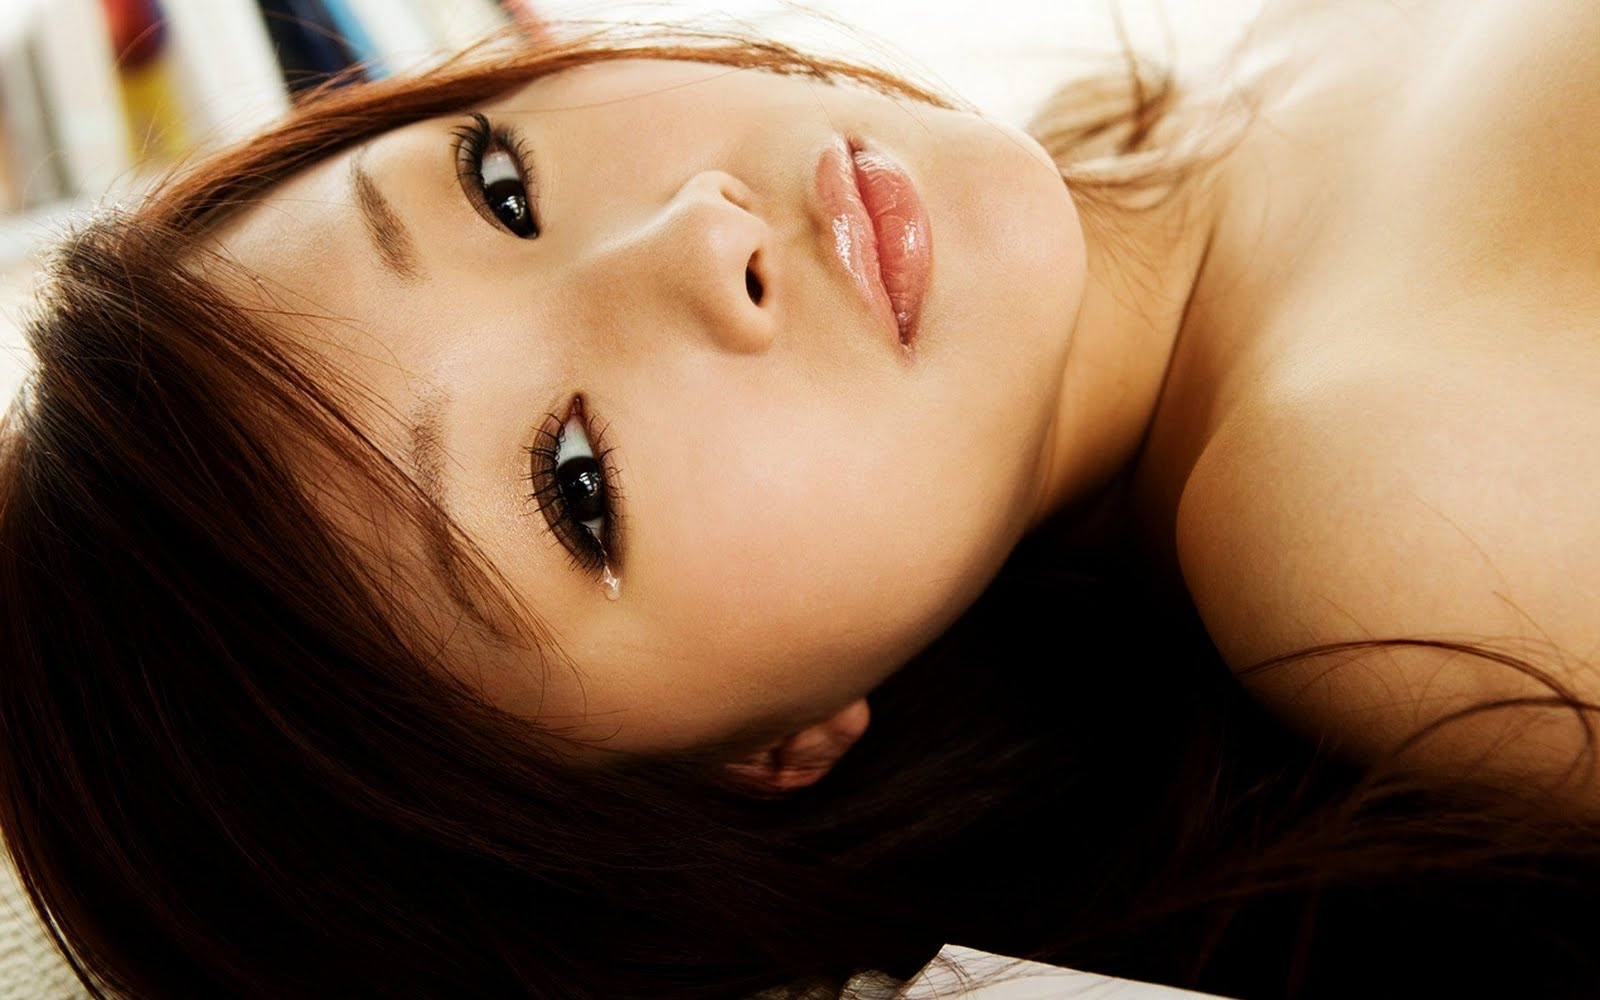 Girls japanese nude Nude Photos 33